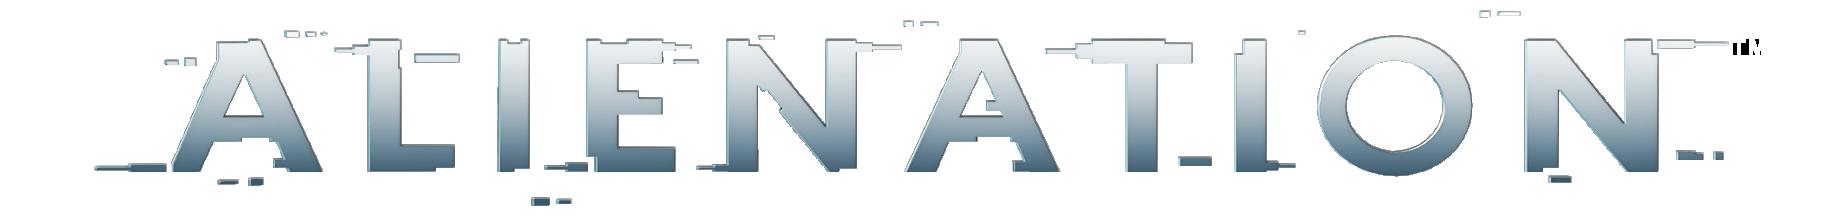 AN_Logo_Title_FINAL.png